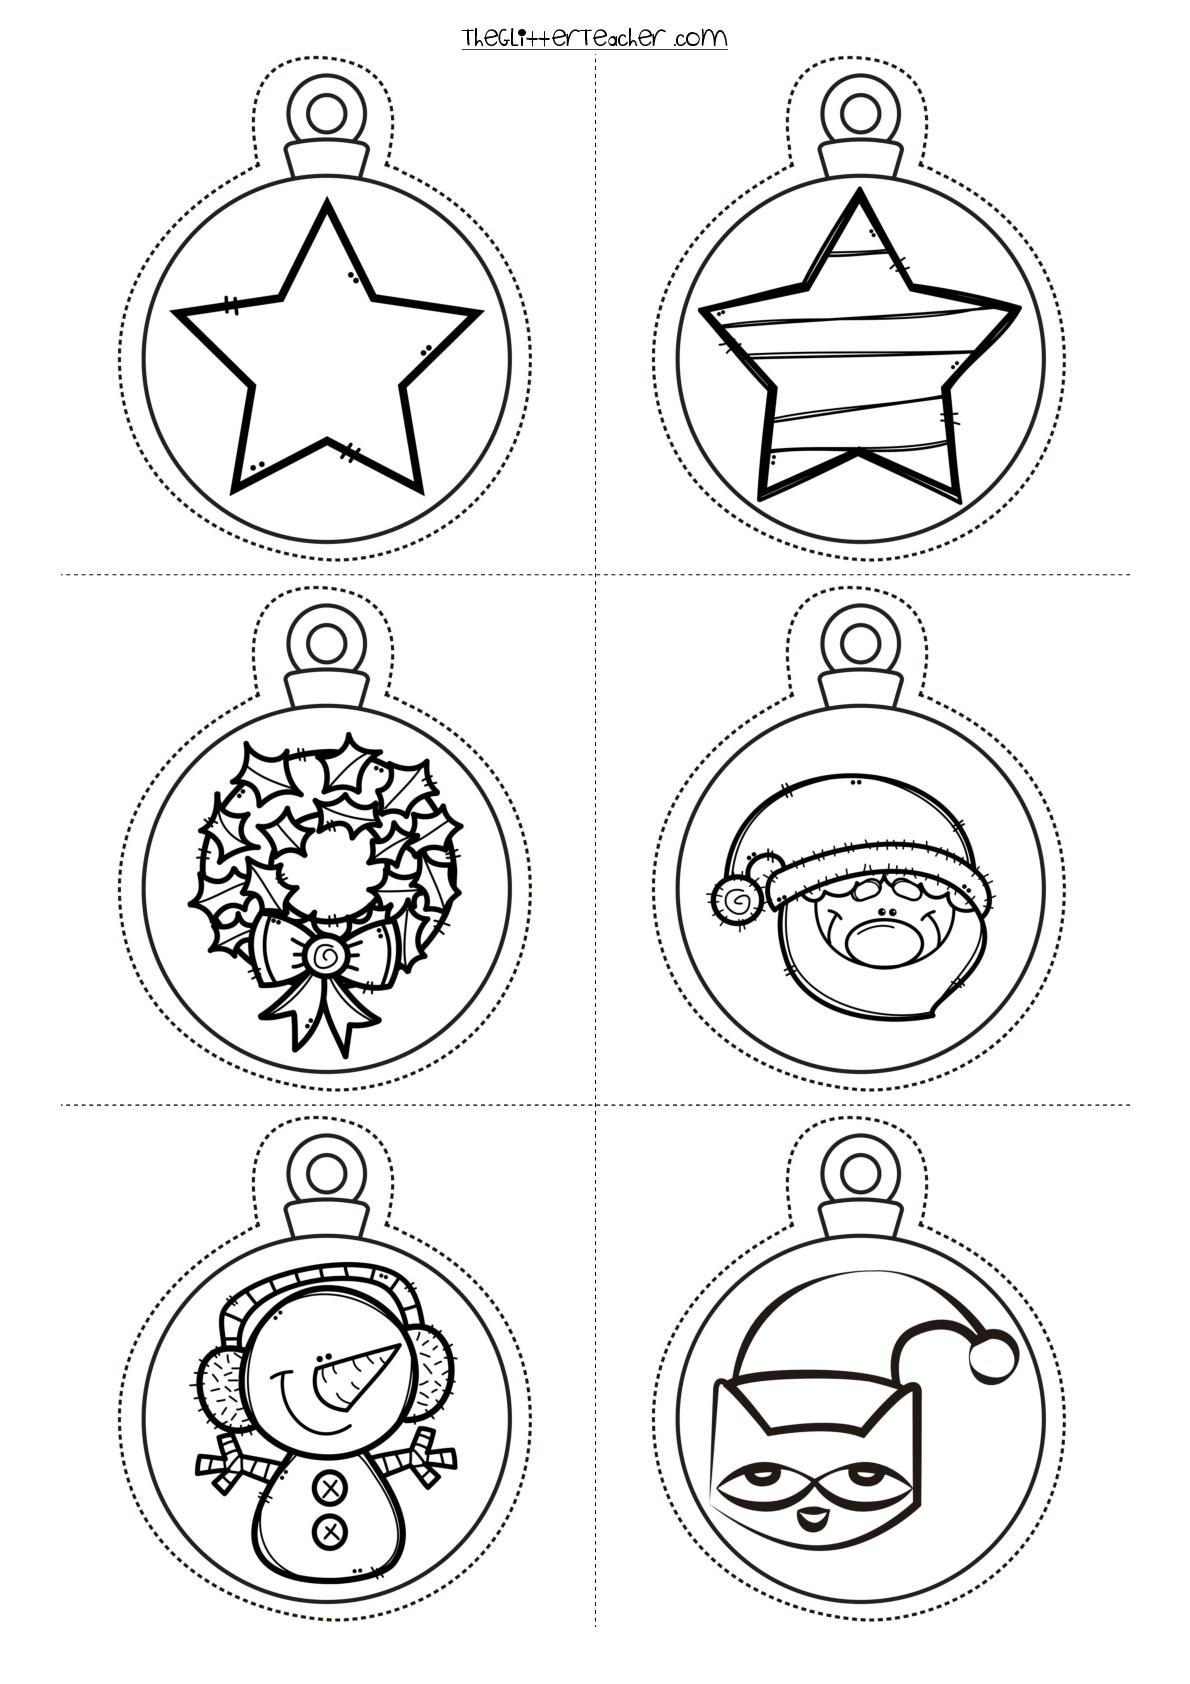 Decora tu clase divertidas bolas de navidad para imprimir y colorear orientacion andujar - Dibujos originales para pintar ...